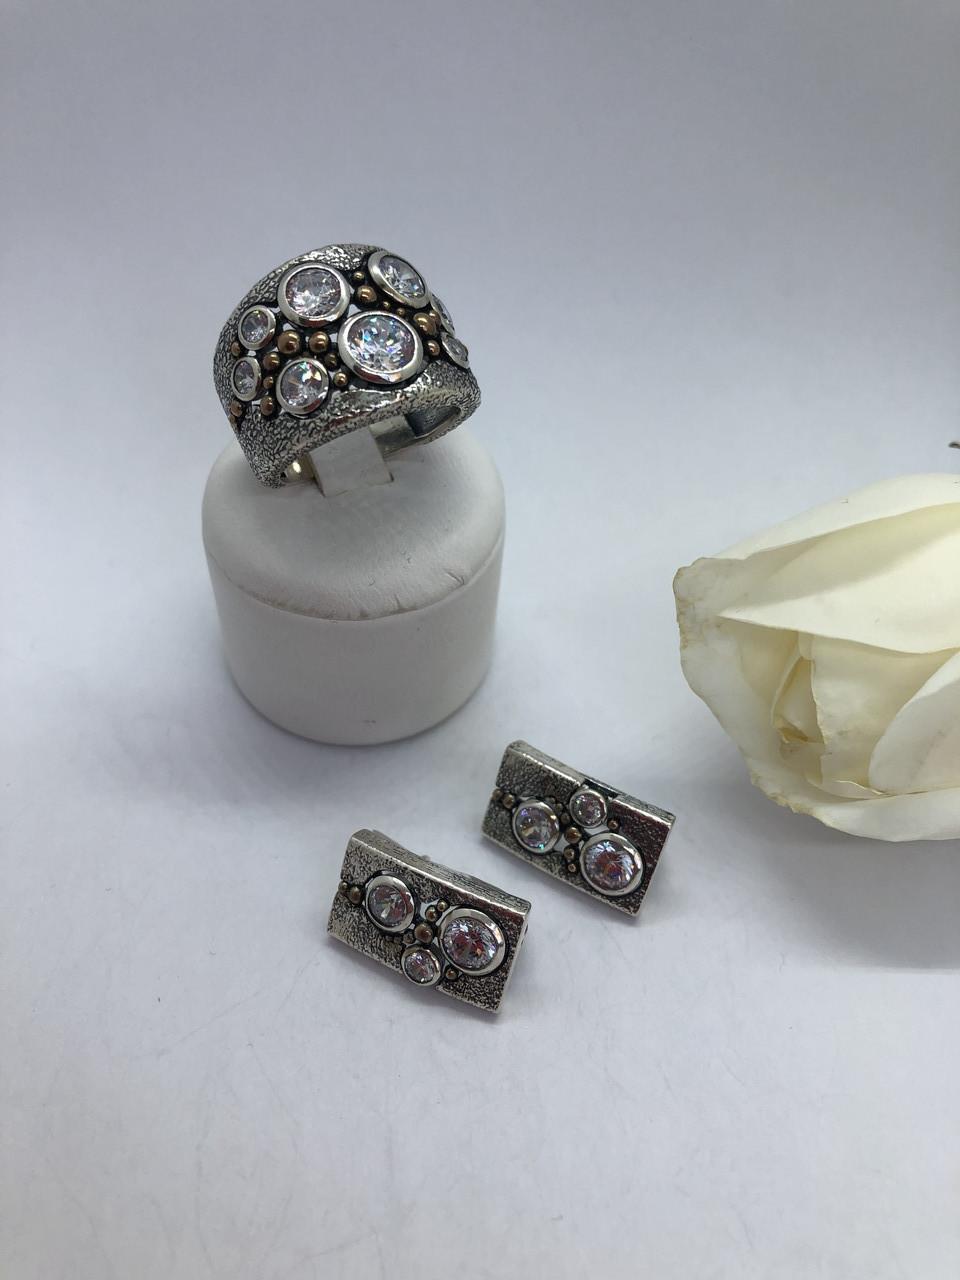 Комплект серебряных украшений Ланфорд от Ирида-В